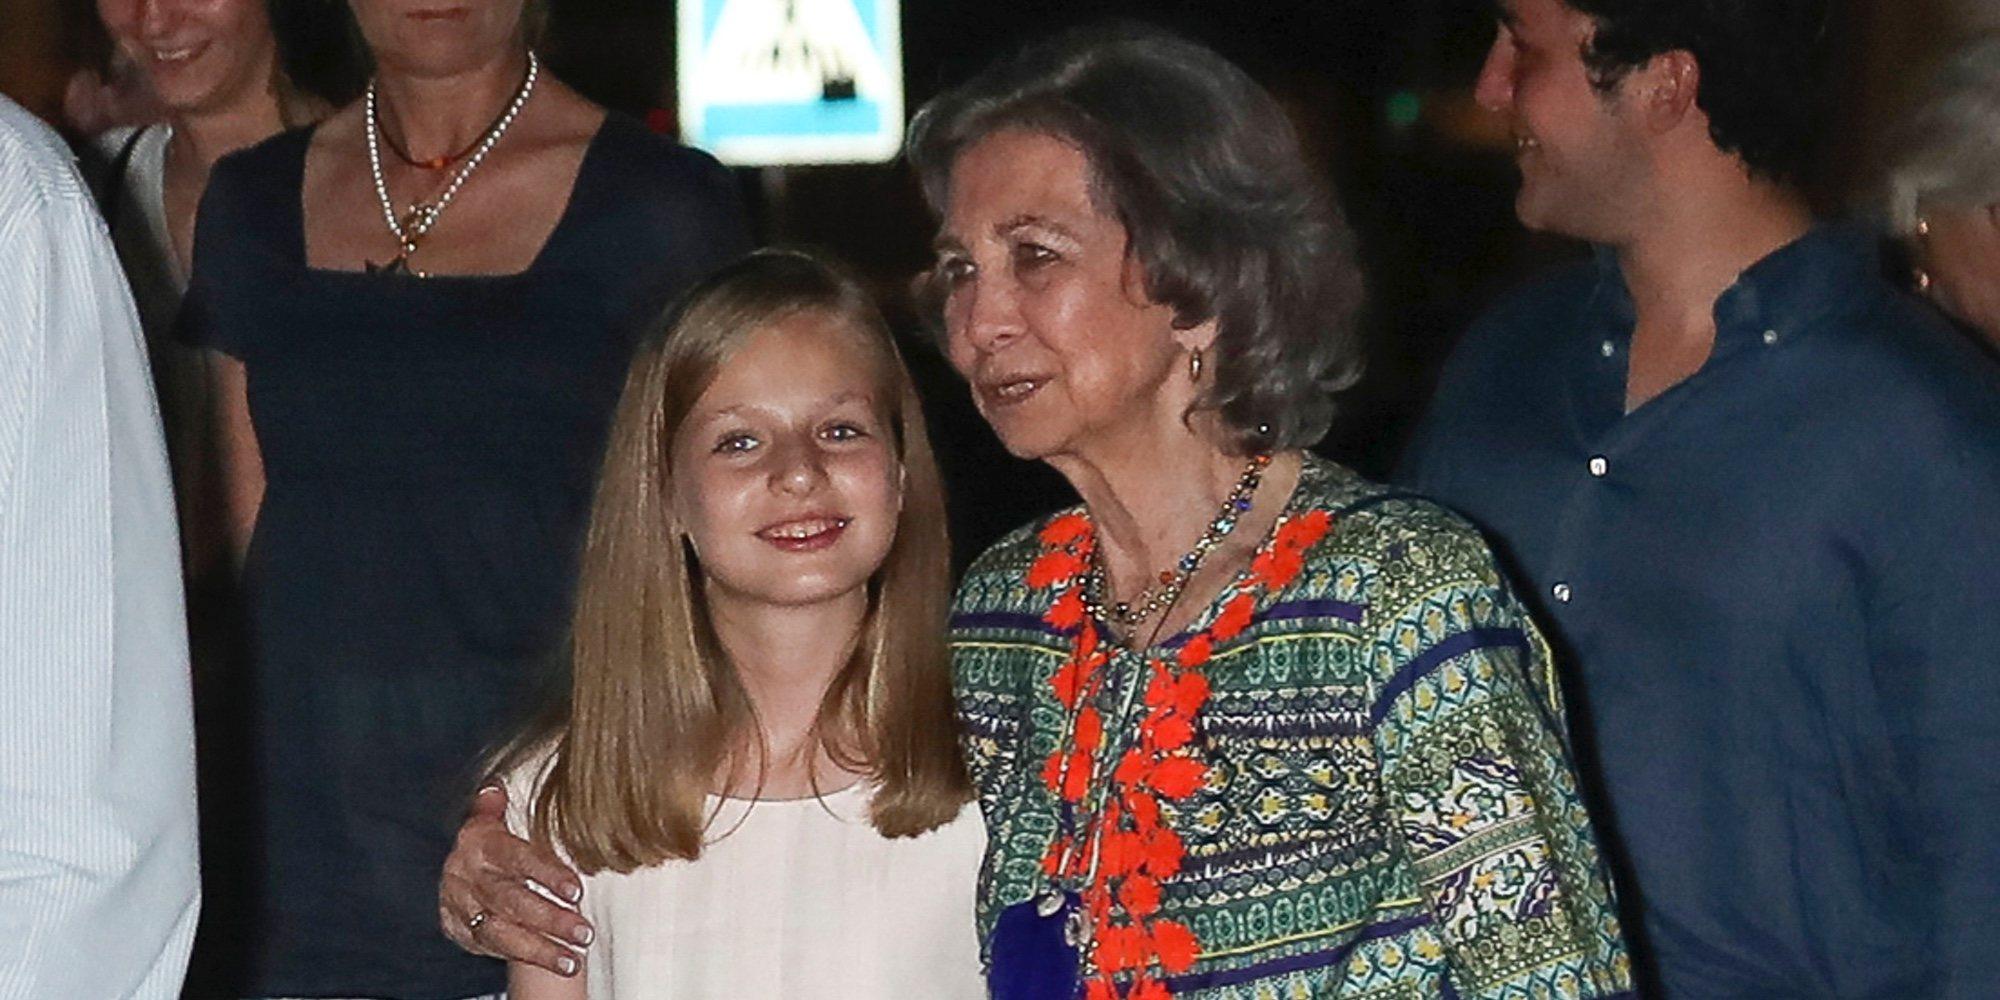 La Princesa Leonor por fin suelta la mano de la Reina Sofía